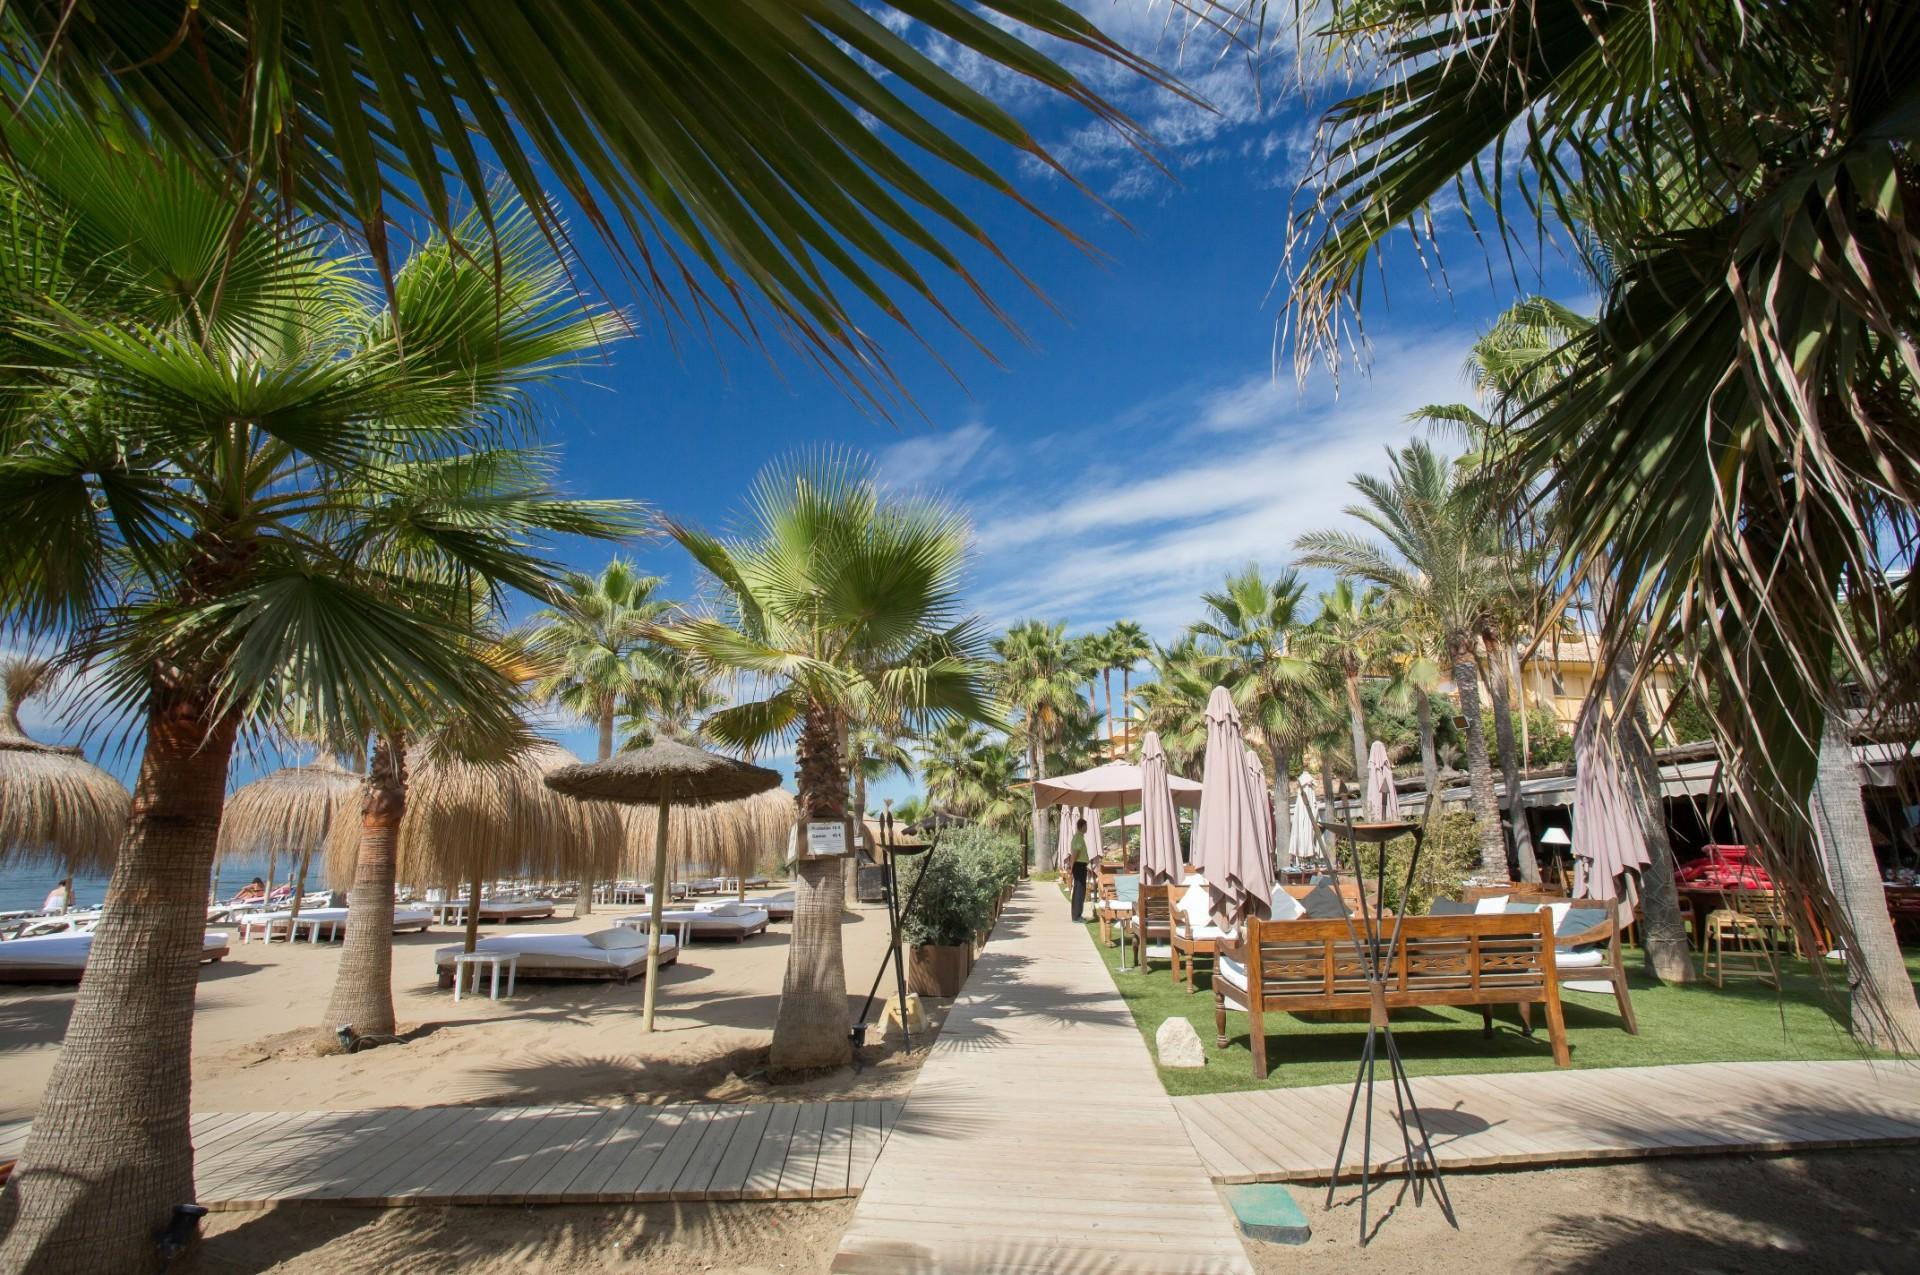 Best-frontline-beach-residential-complexes-in-Marbella-East-1920x1275.jpg